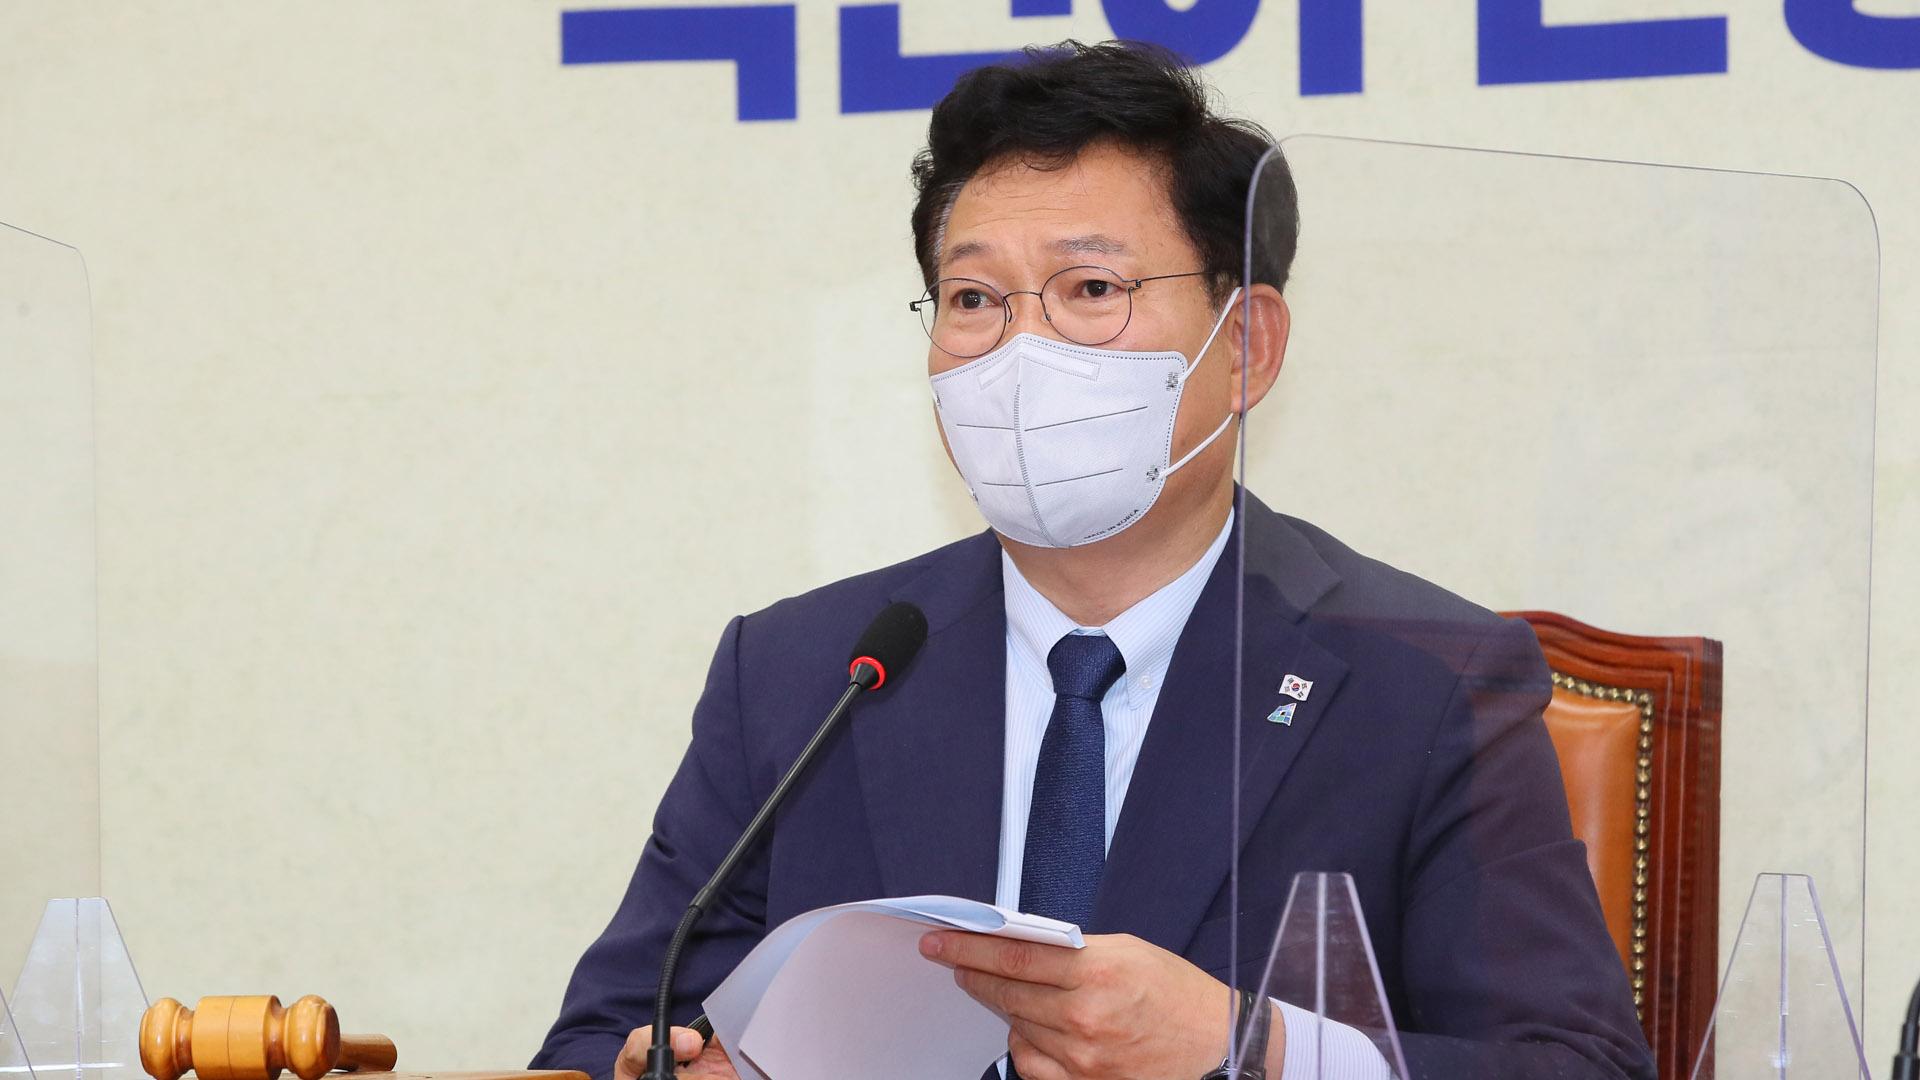 與 '경선 연기' 2라운드 전운…선관위는 출범